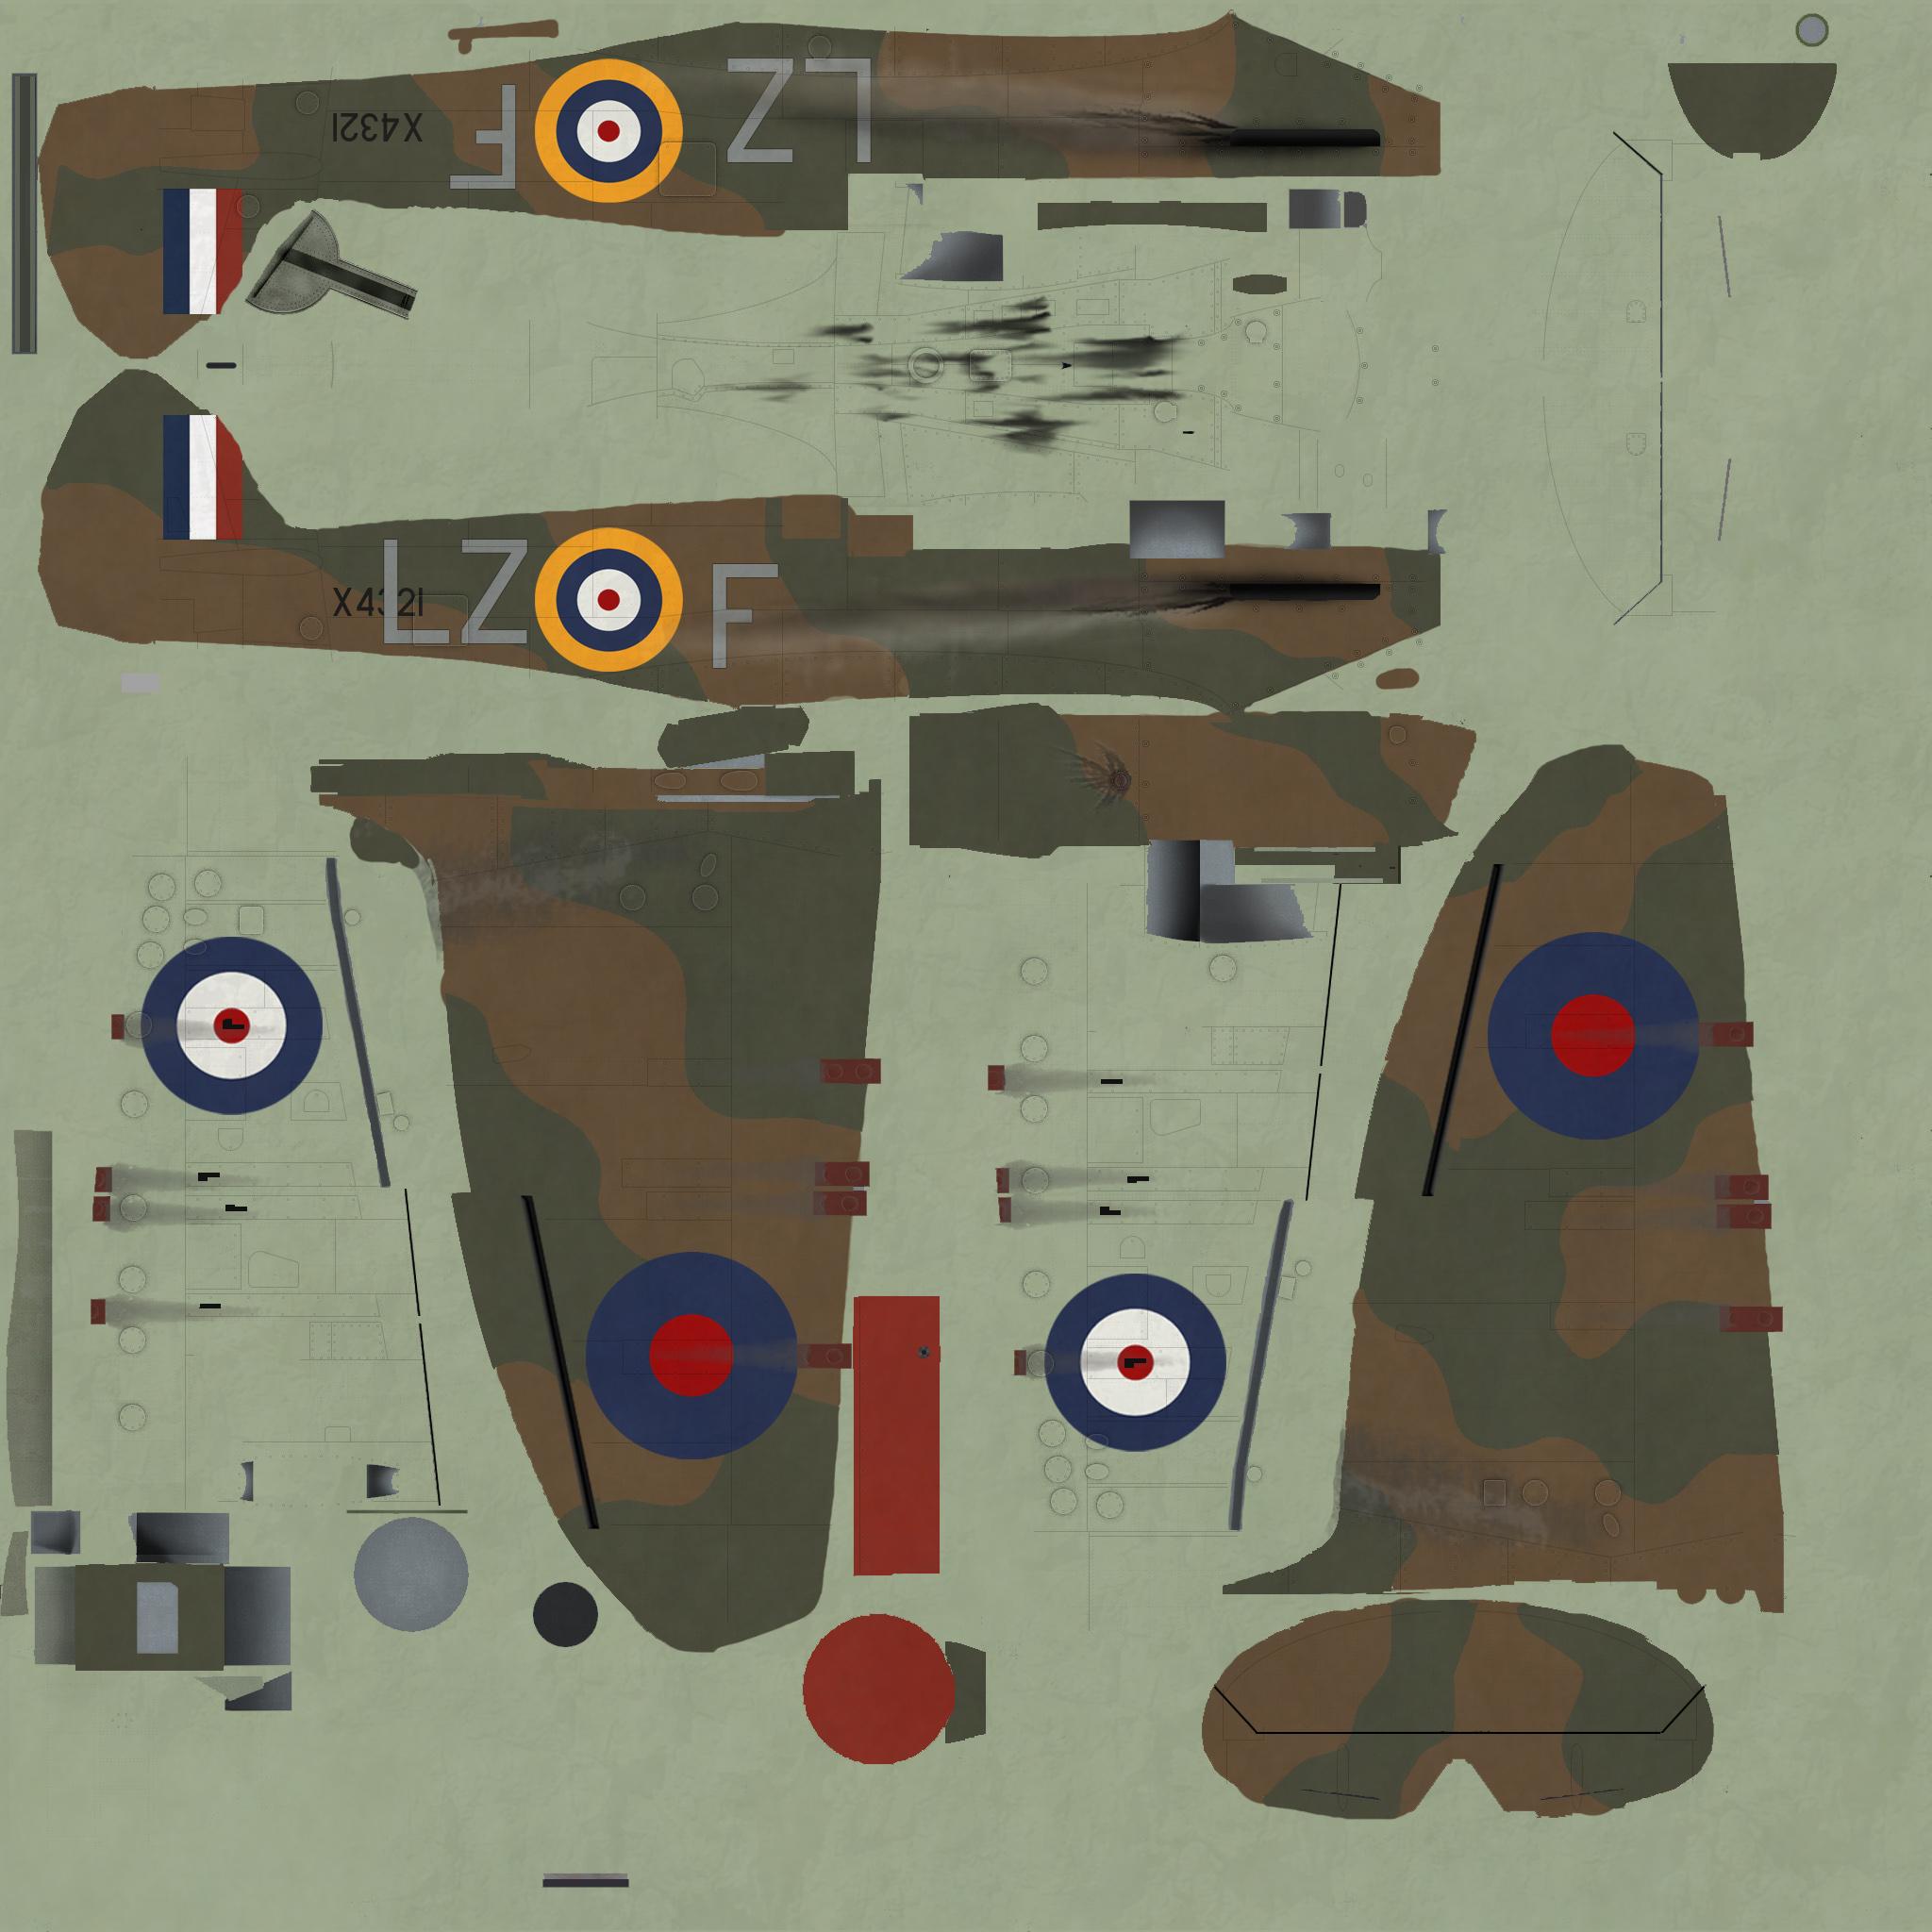 COD KF MkIa RAF 66Sqn LZF PO Crelin Bodie X4321 Kenley 1940